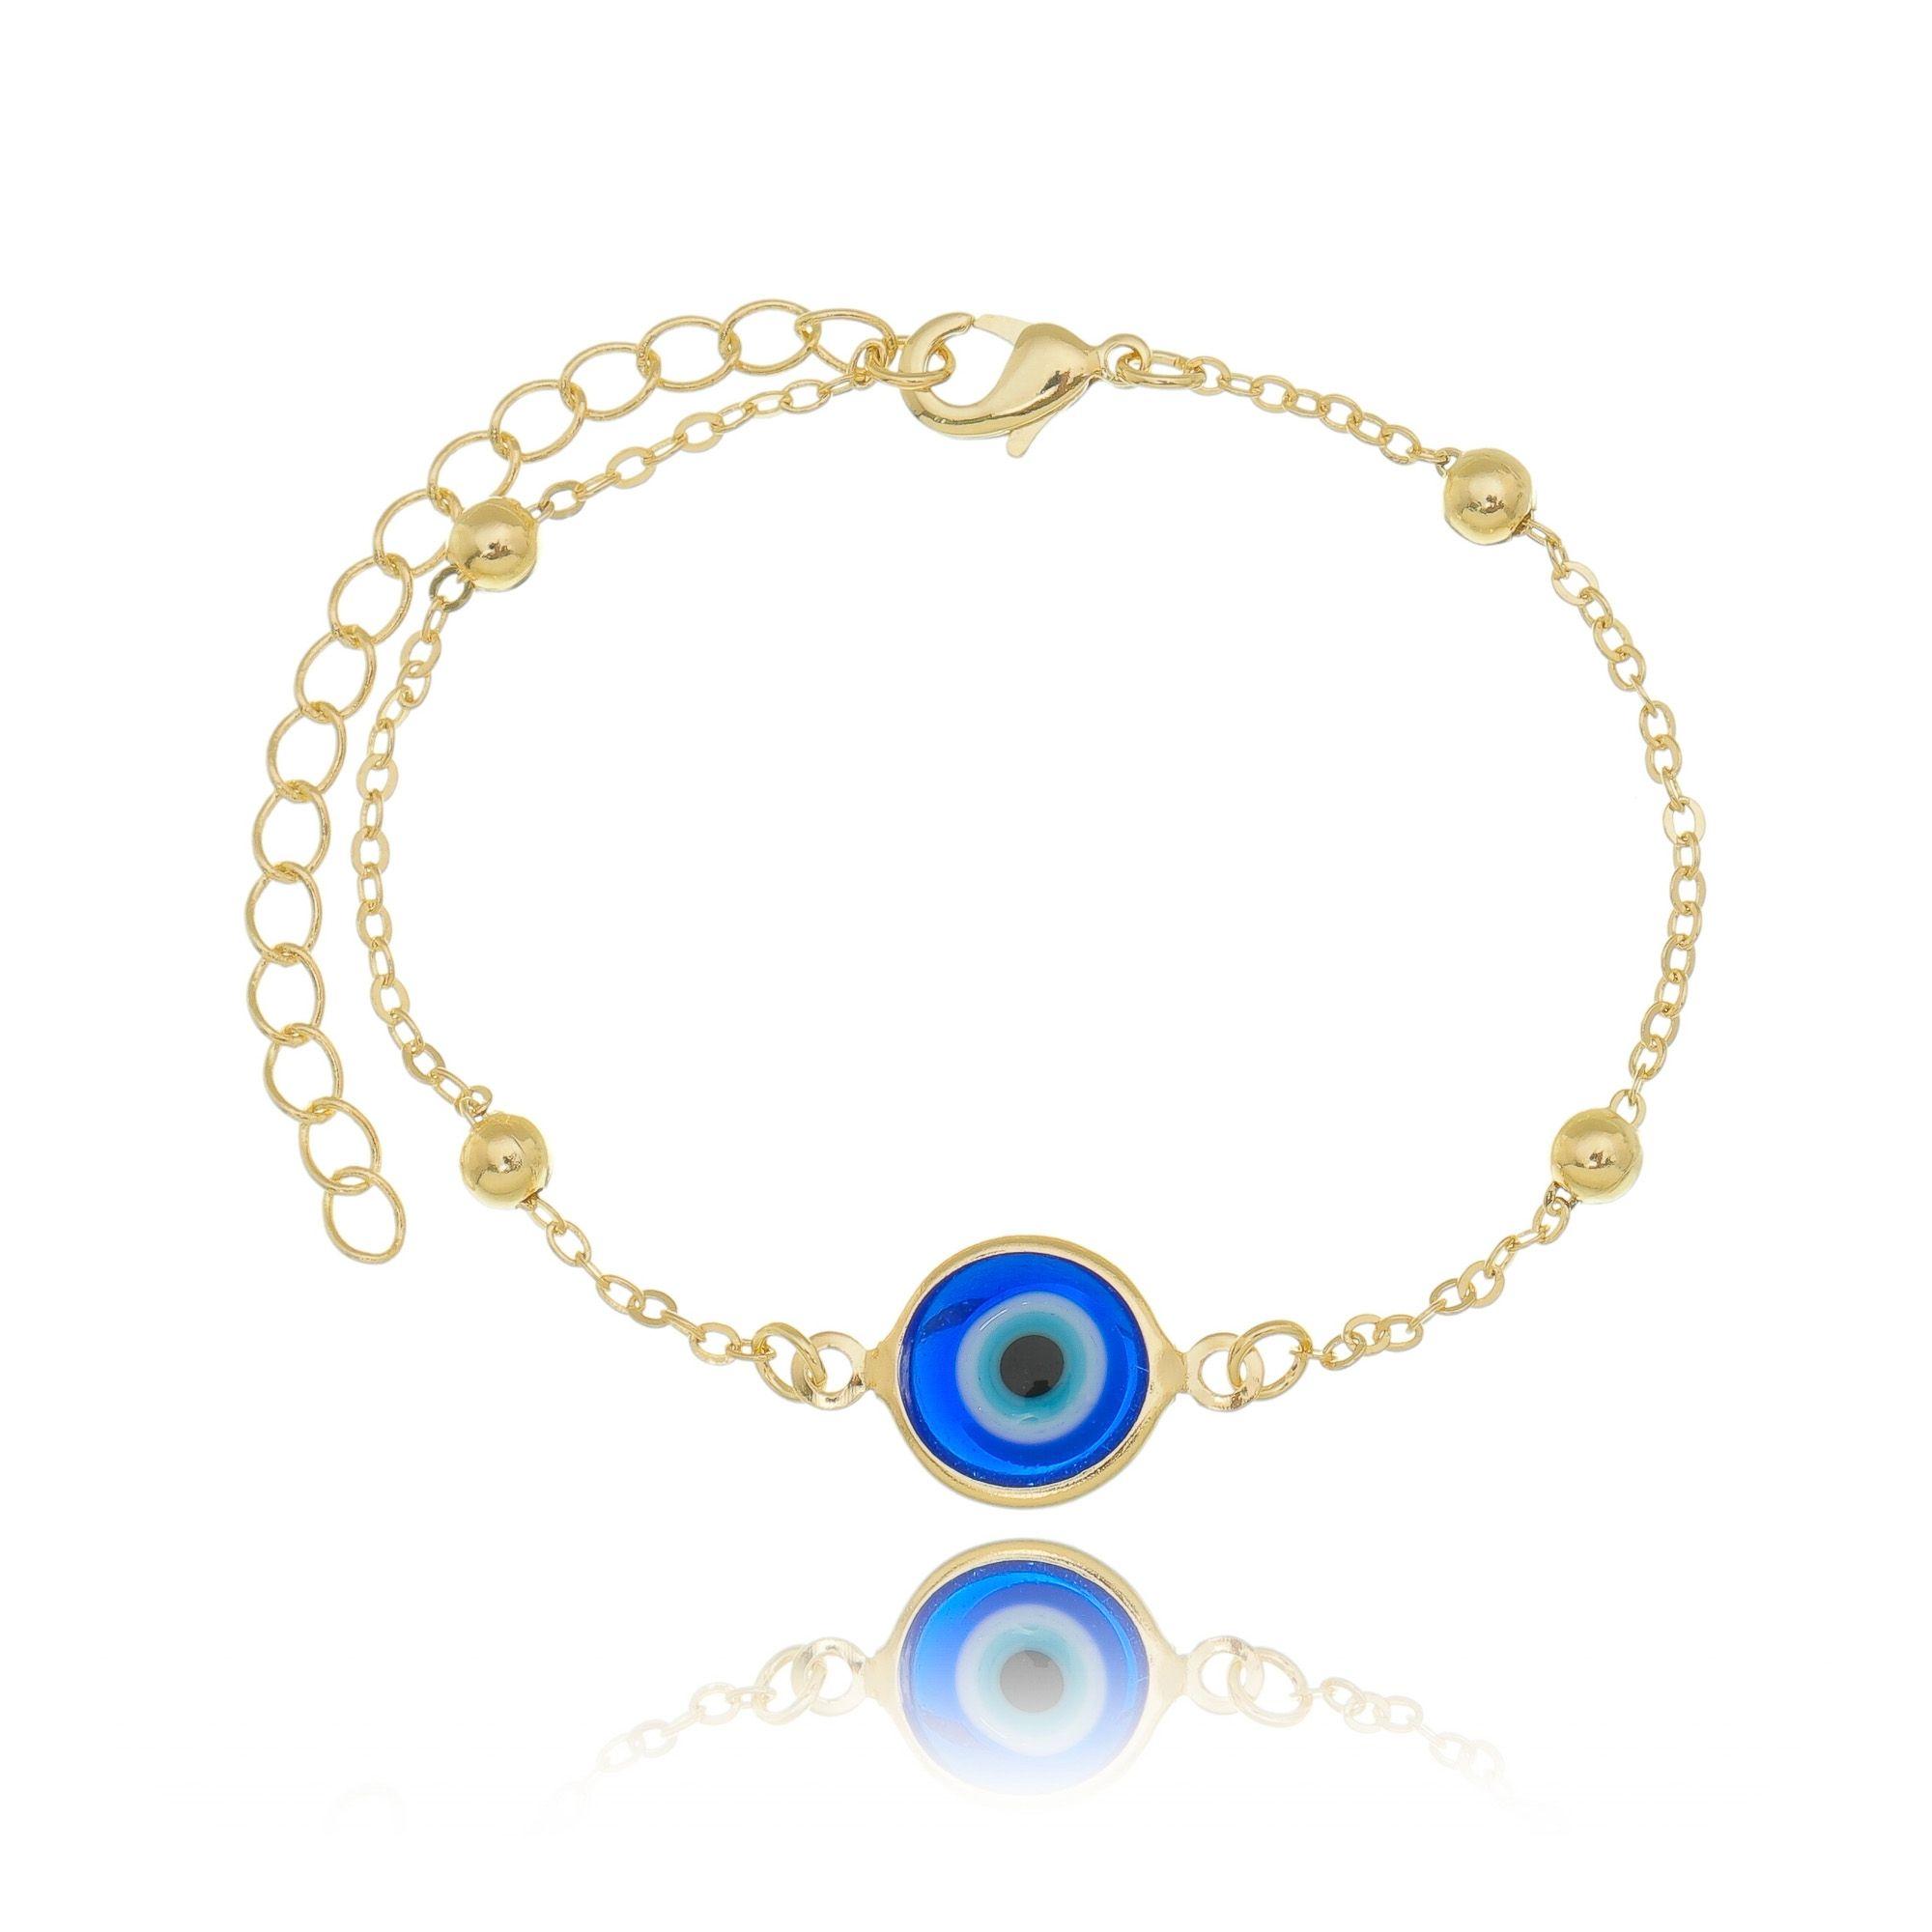 Pulseira Olho Grego Dourada Azul Semijoia em Ouro 18K  - SOLOYOU